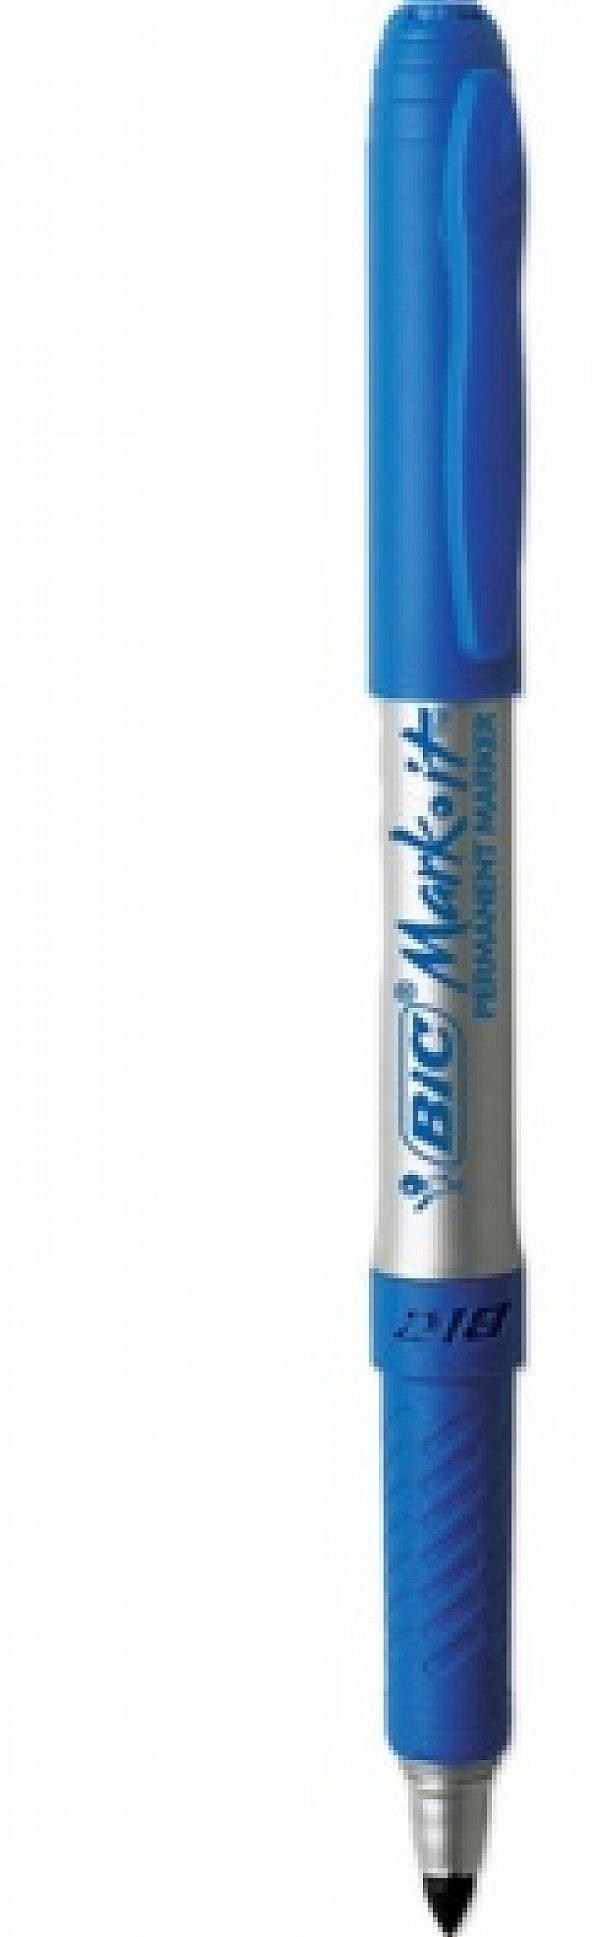 Marcador Colorido Para Artes Azul Claro Bic 1200663